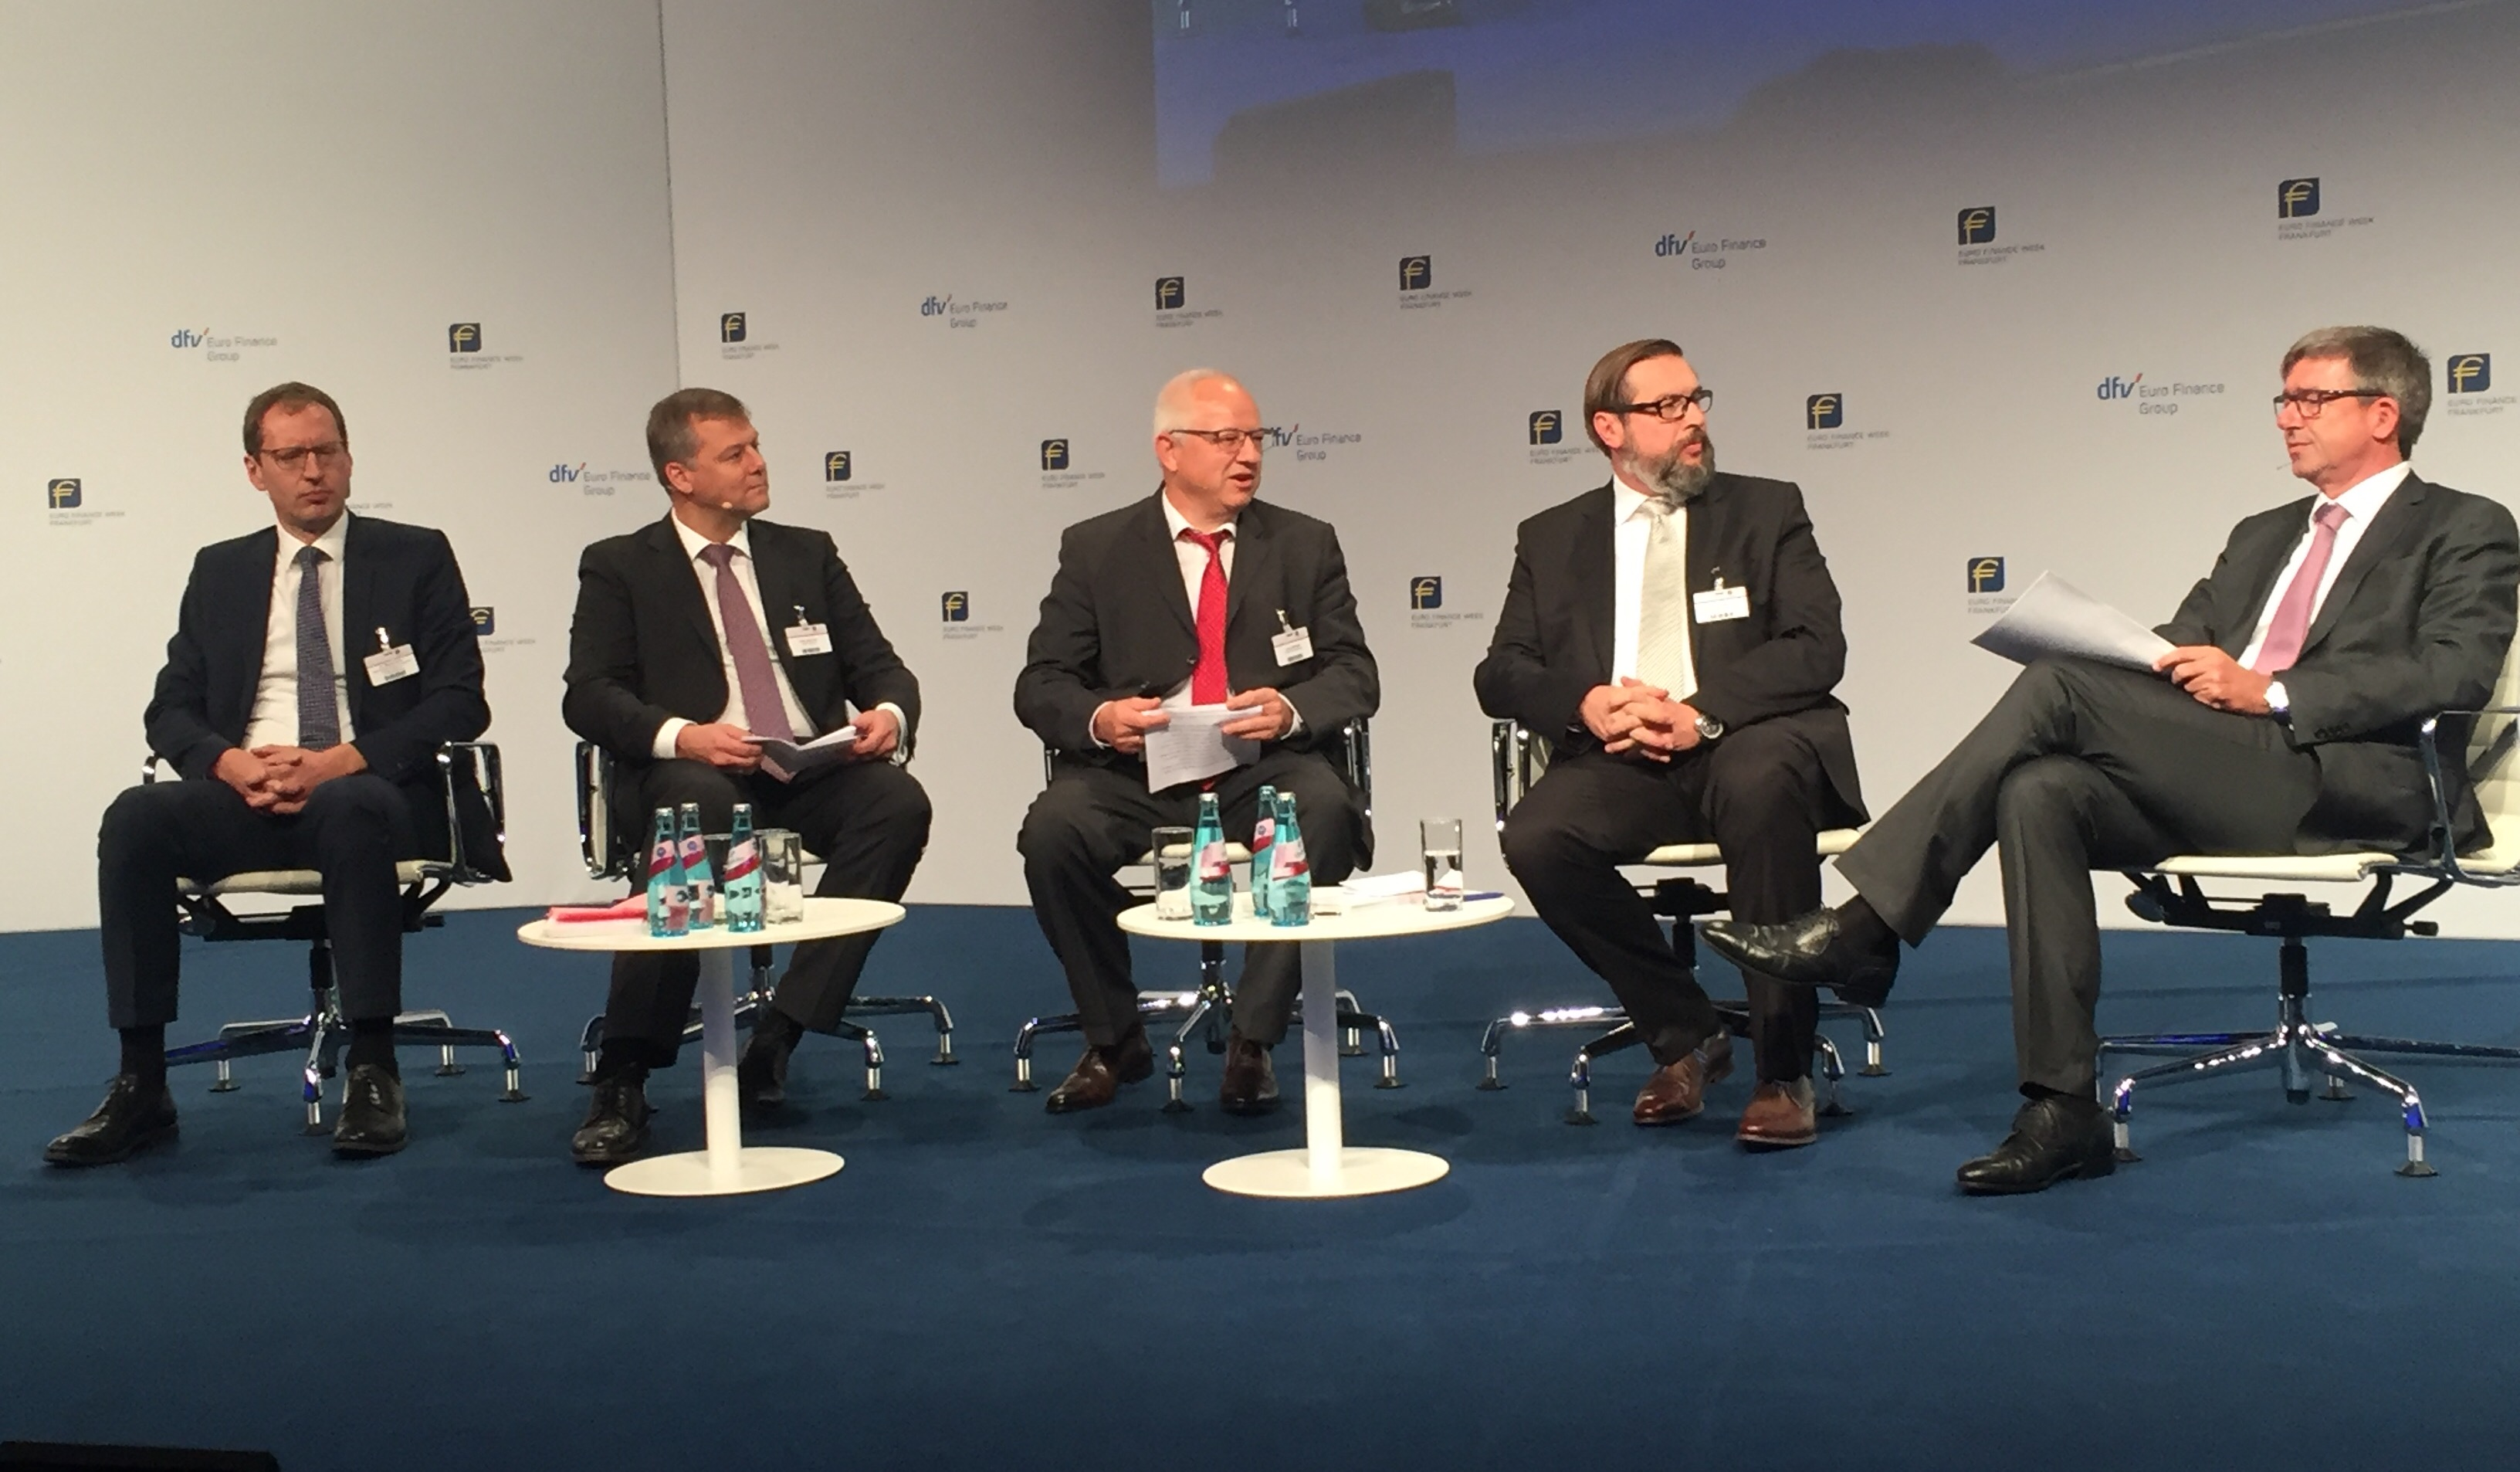 Panel 1 von links: Dr. Bredt, S. Jürgensen, J. Metzger, U. Leuchtmann und B. Meist